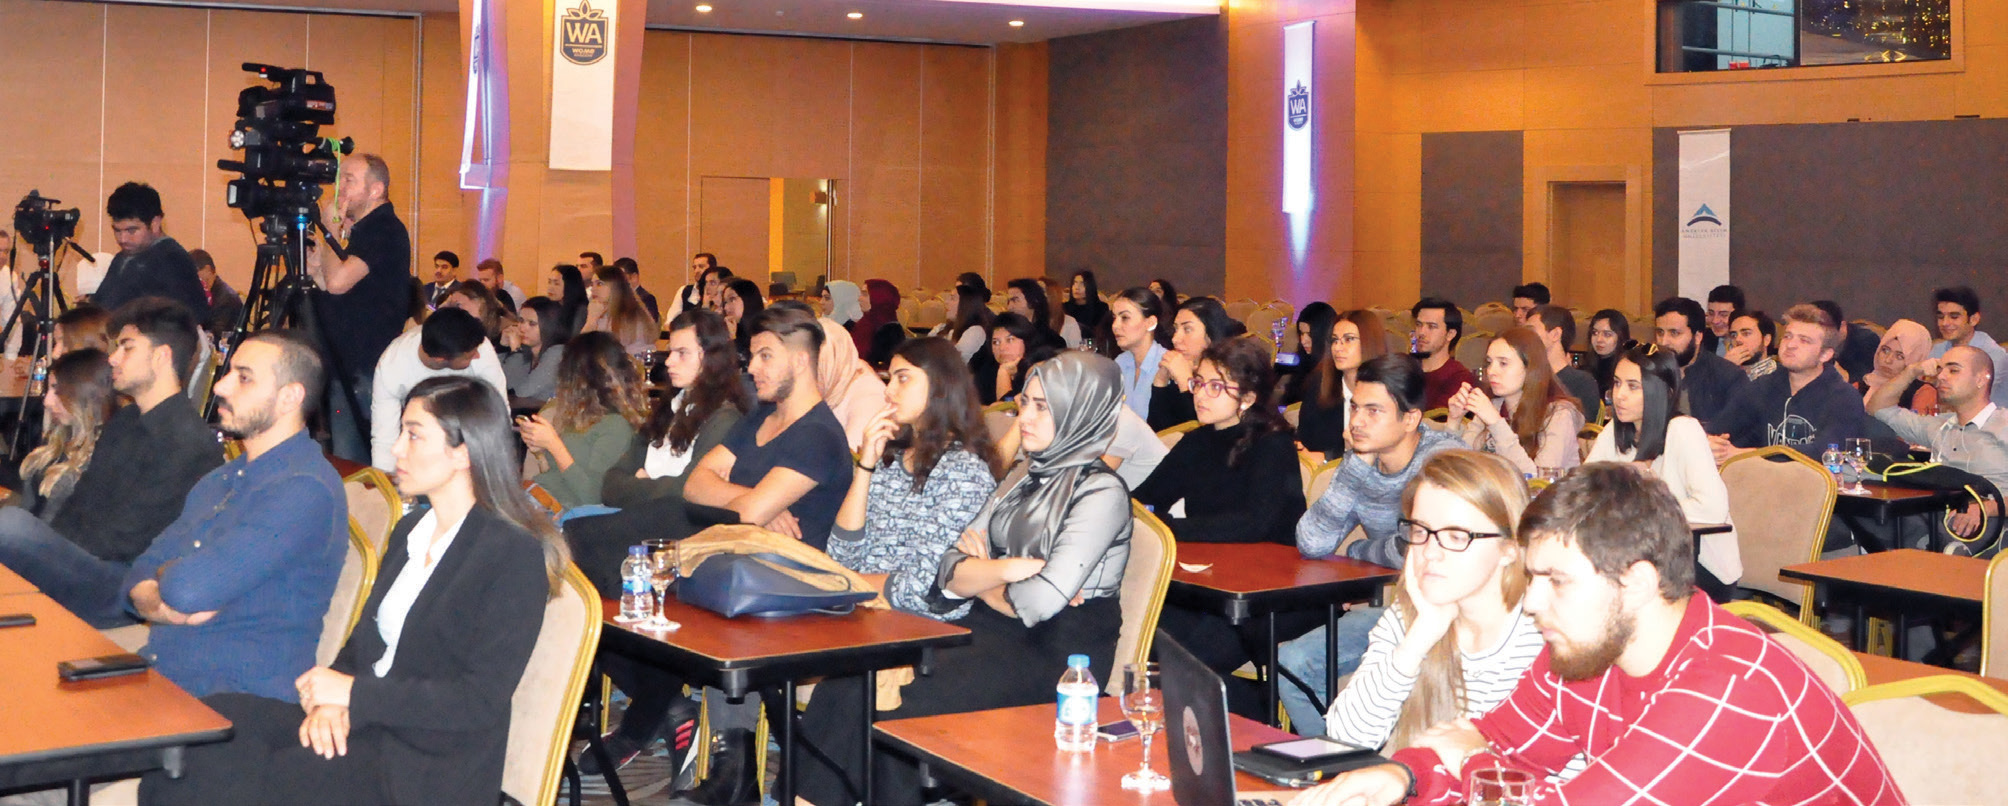 Nitelikli İş Gücü İçin Wome Akademi - TURİZM - Mono – Ortadoğu Holding Kurumsal İletişim Mecrası